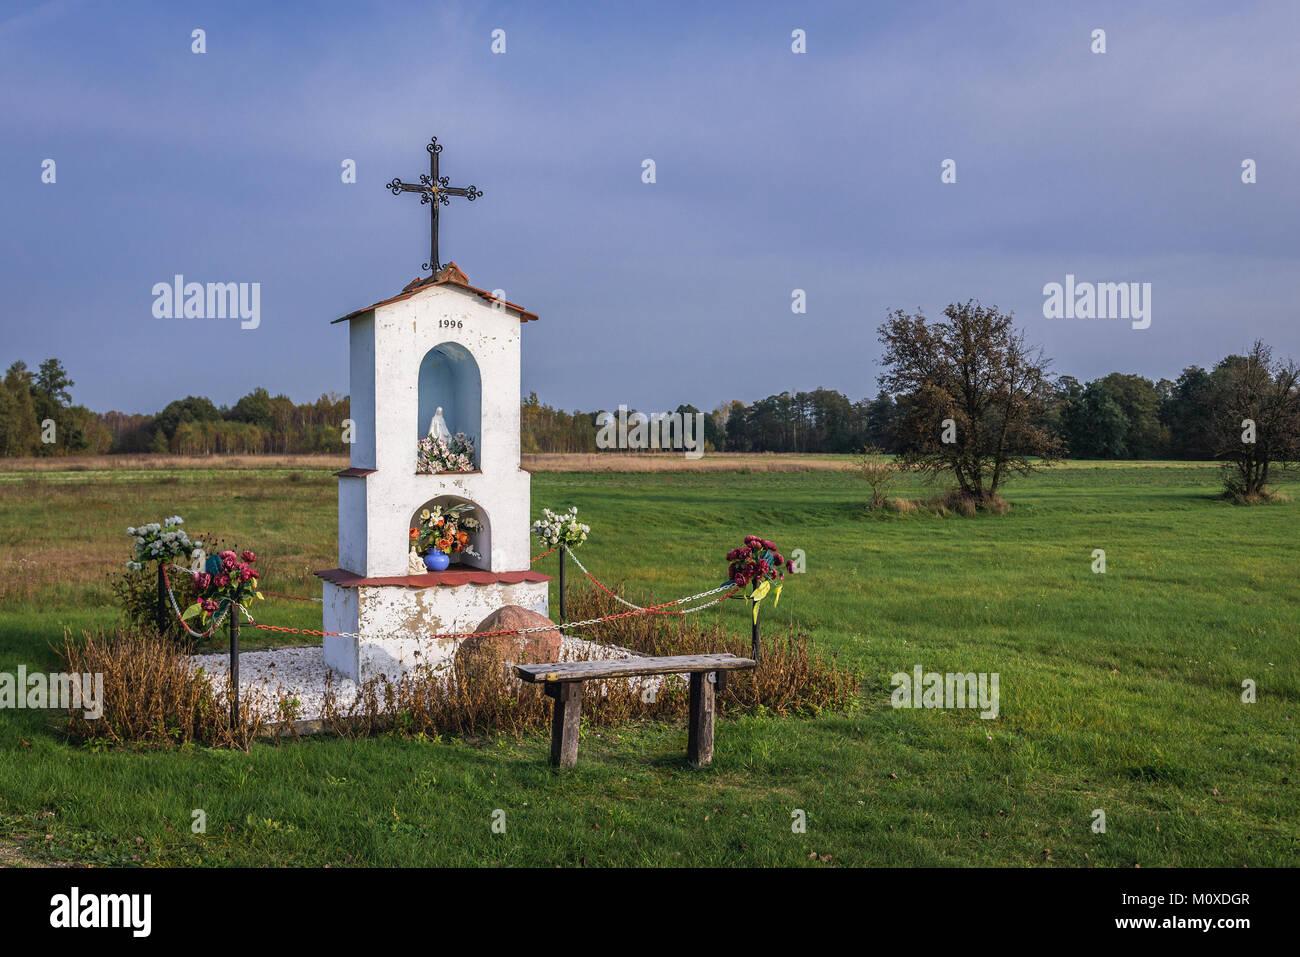 Weiß Bildstock in der Nähe von brochow Dorf, Sochaczew Grafschaft in der Woiwodschaft Masowien in Polen Stockbild